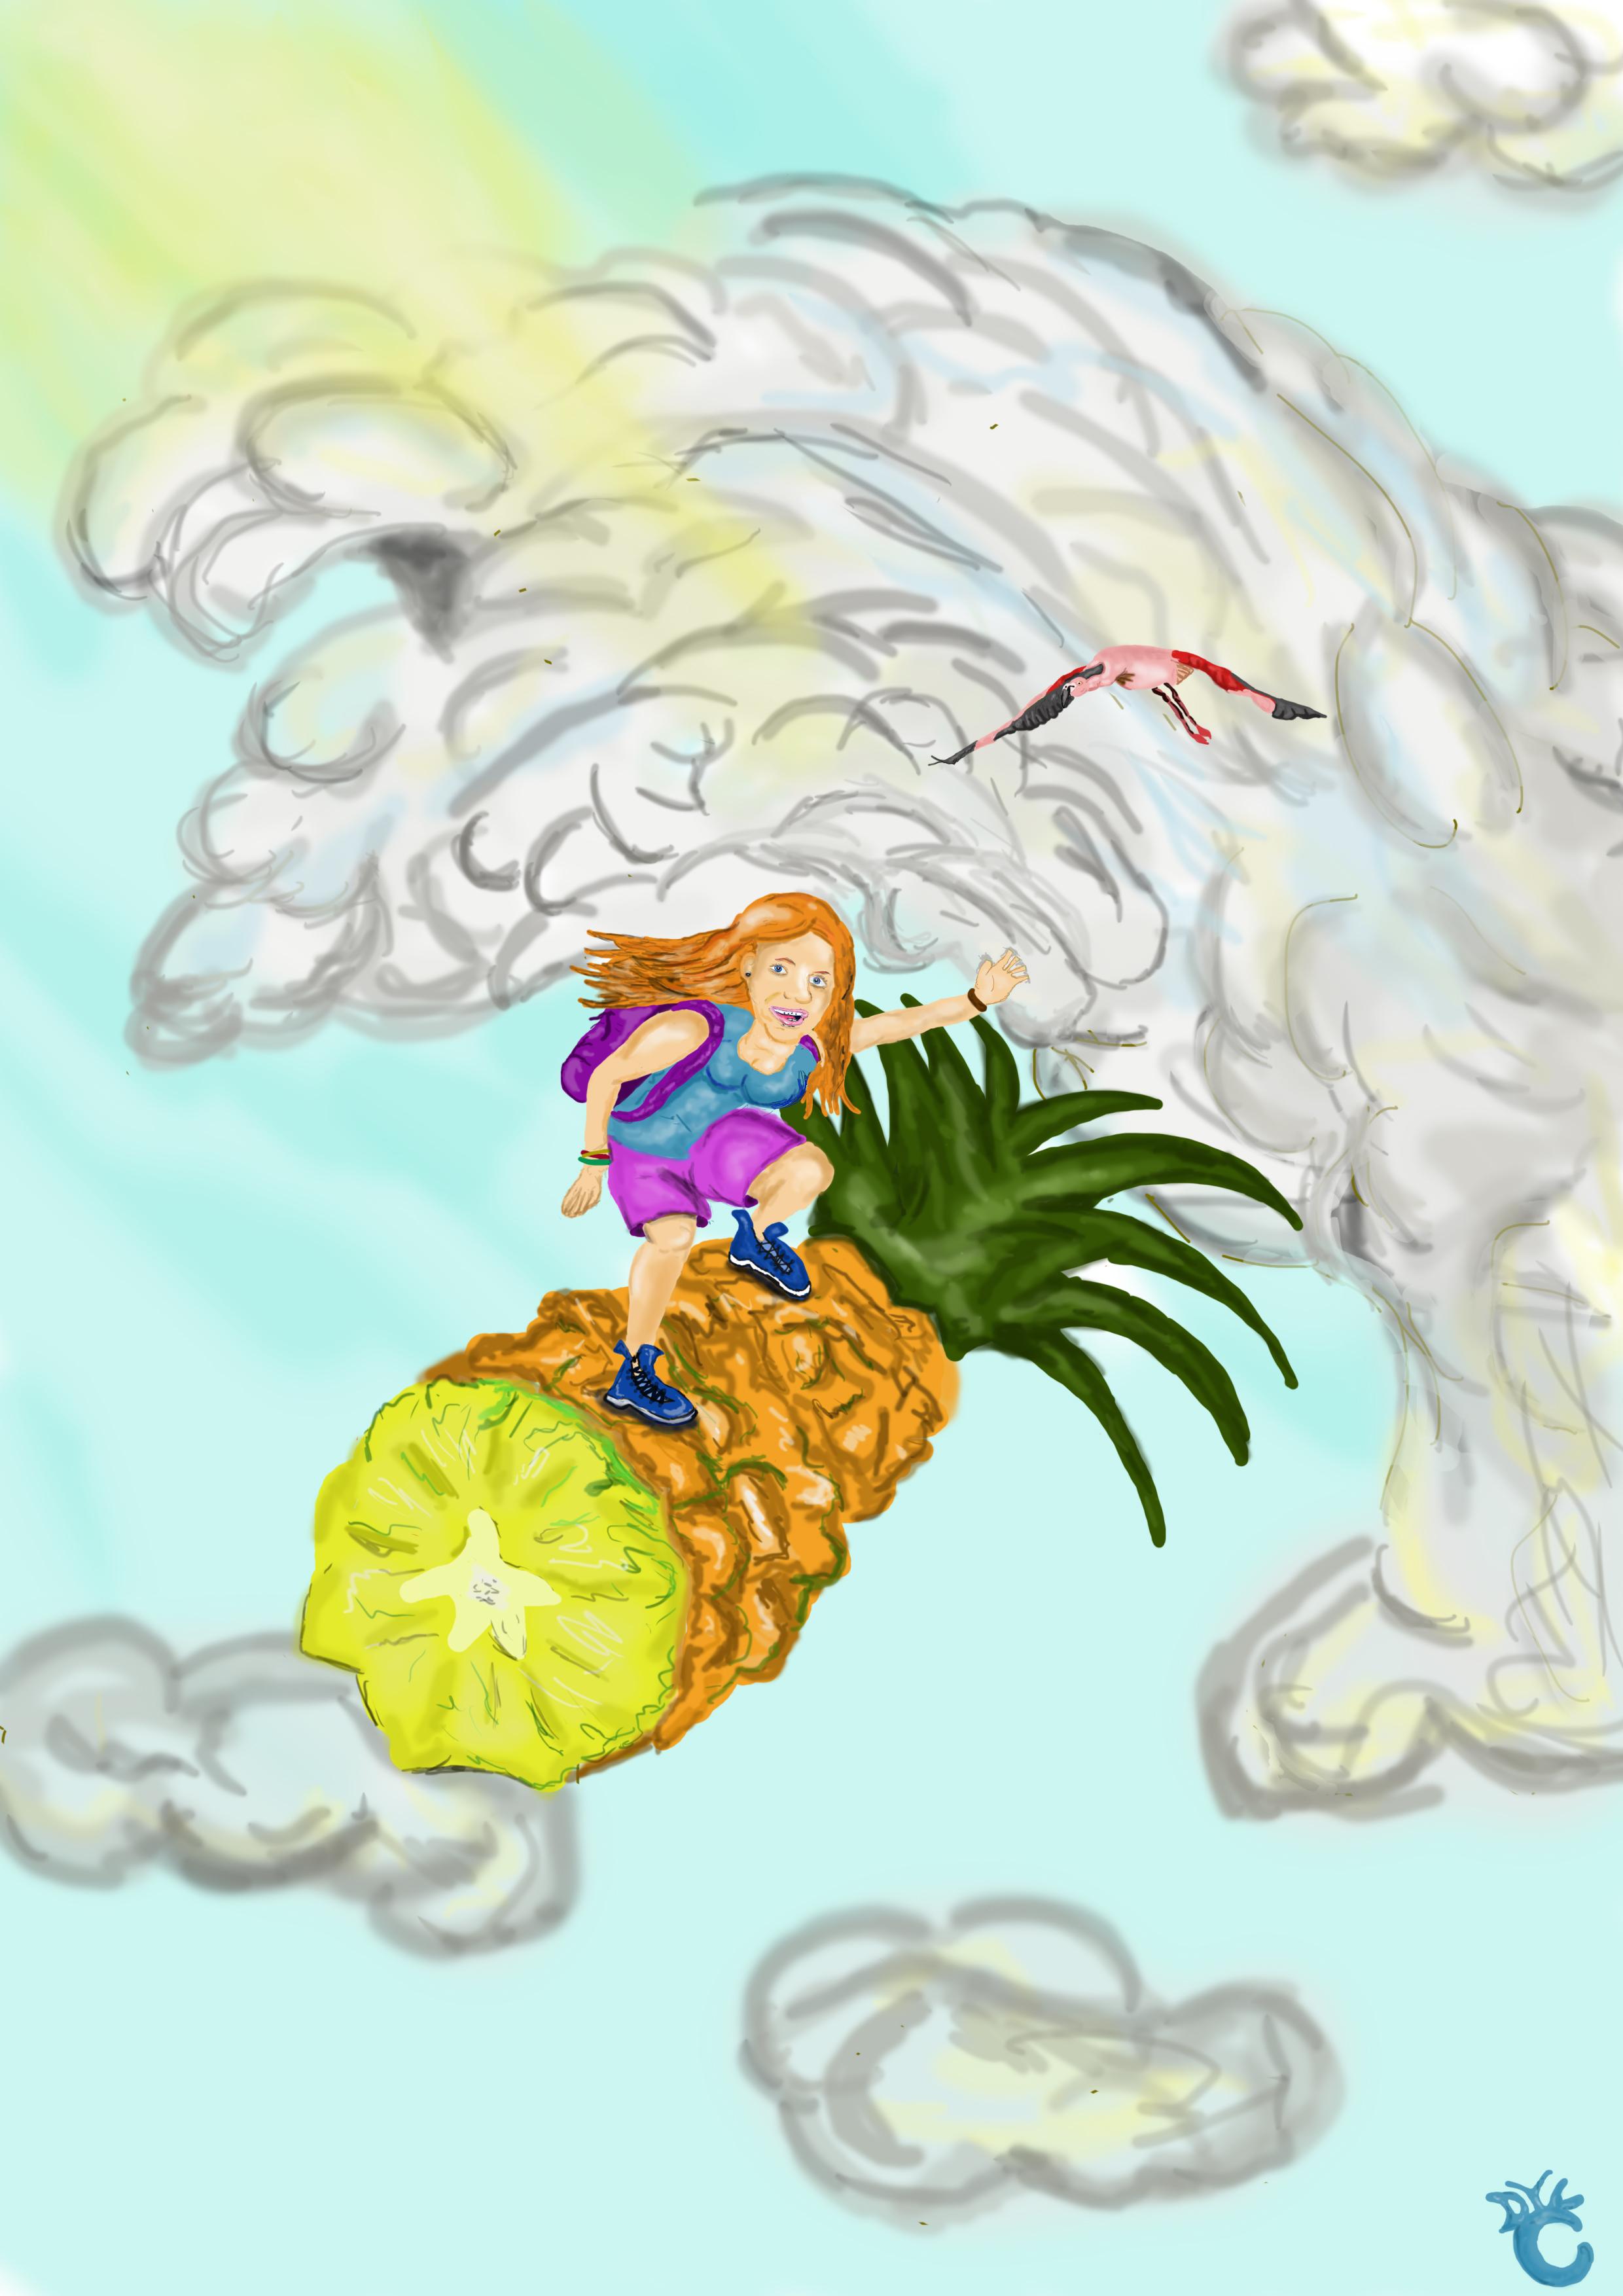 Flying Pineapple